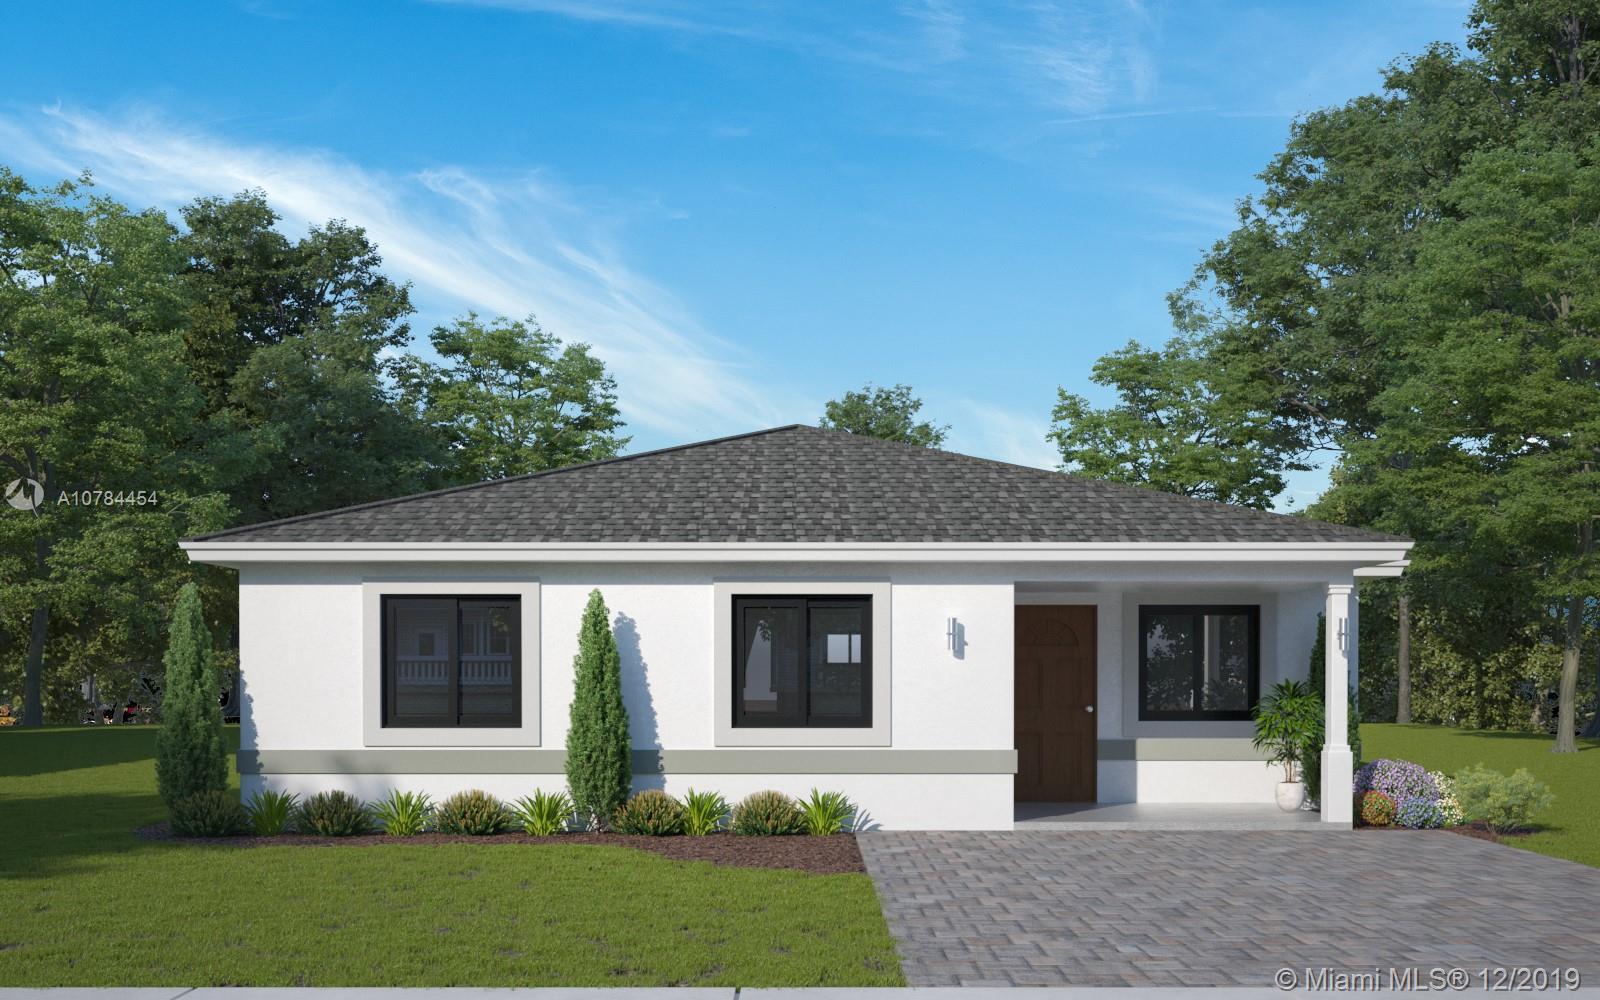 18889 NW 35th Ave, Miami Gardens, FL 33056